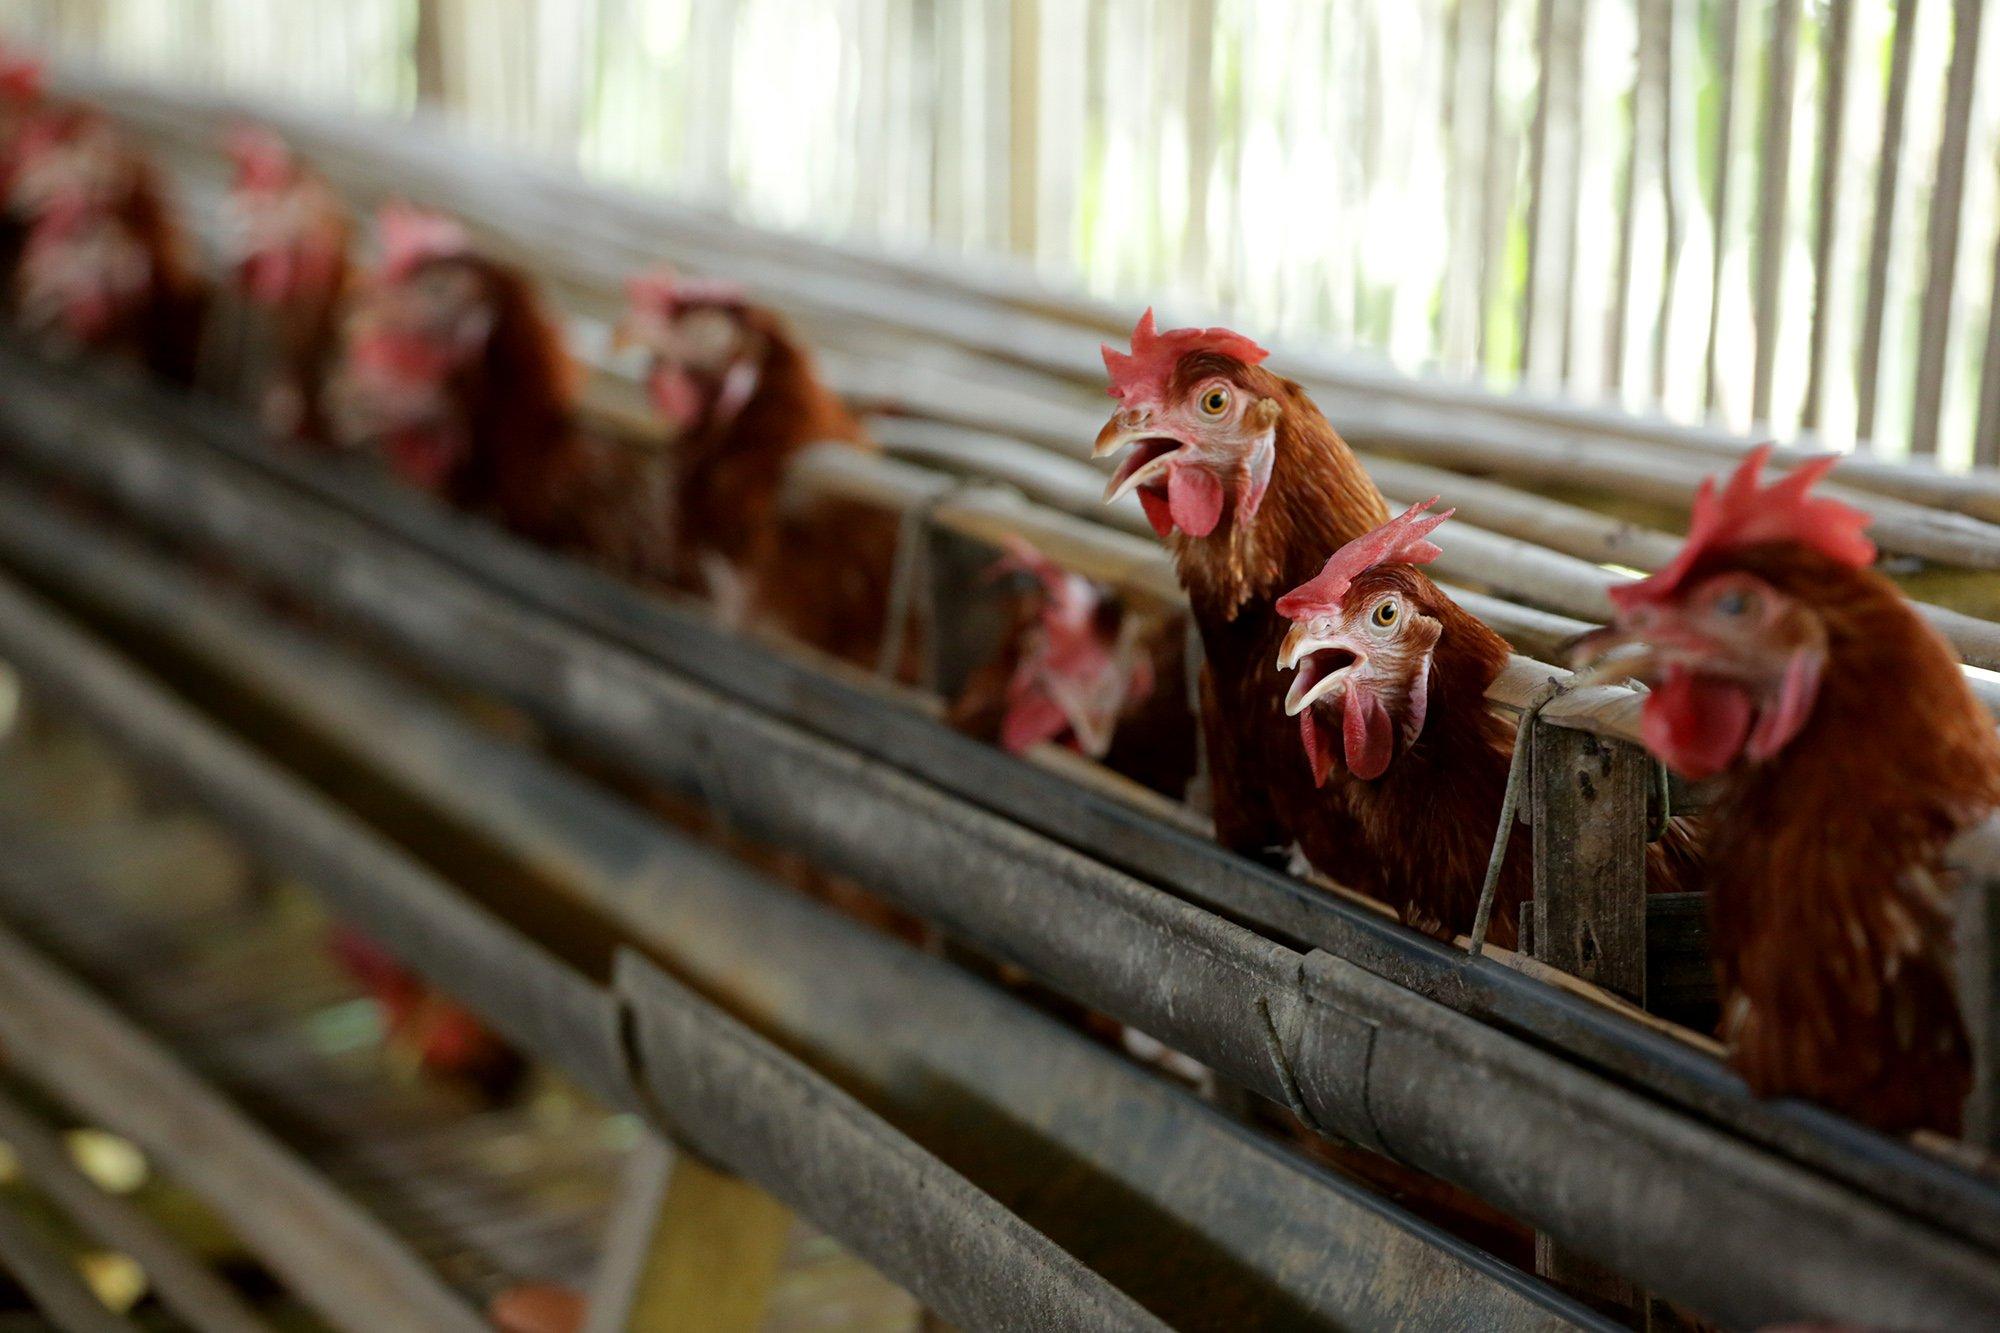 harga ayam, harga ayam anjlok, mafia ayam, permainan harga ayam, kementerian pertanian, kementerian perdagangan, peternak ayam bangkrut, peternak ayam mati, harga ayam murah, peternak ayam, ayam potong, jual ayam